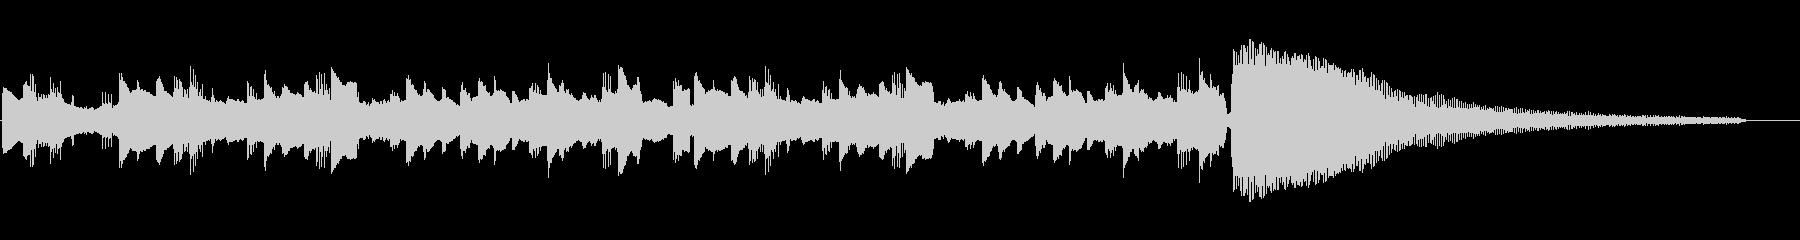 スチールギター:クレイジーアクセン...の未再生の波形